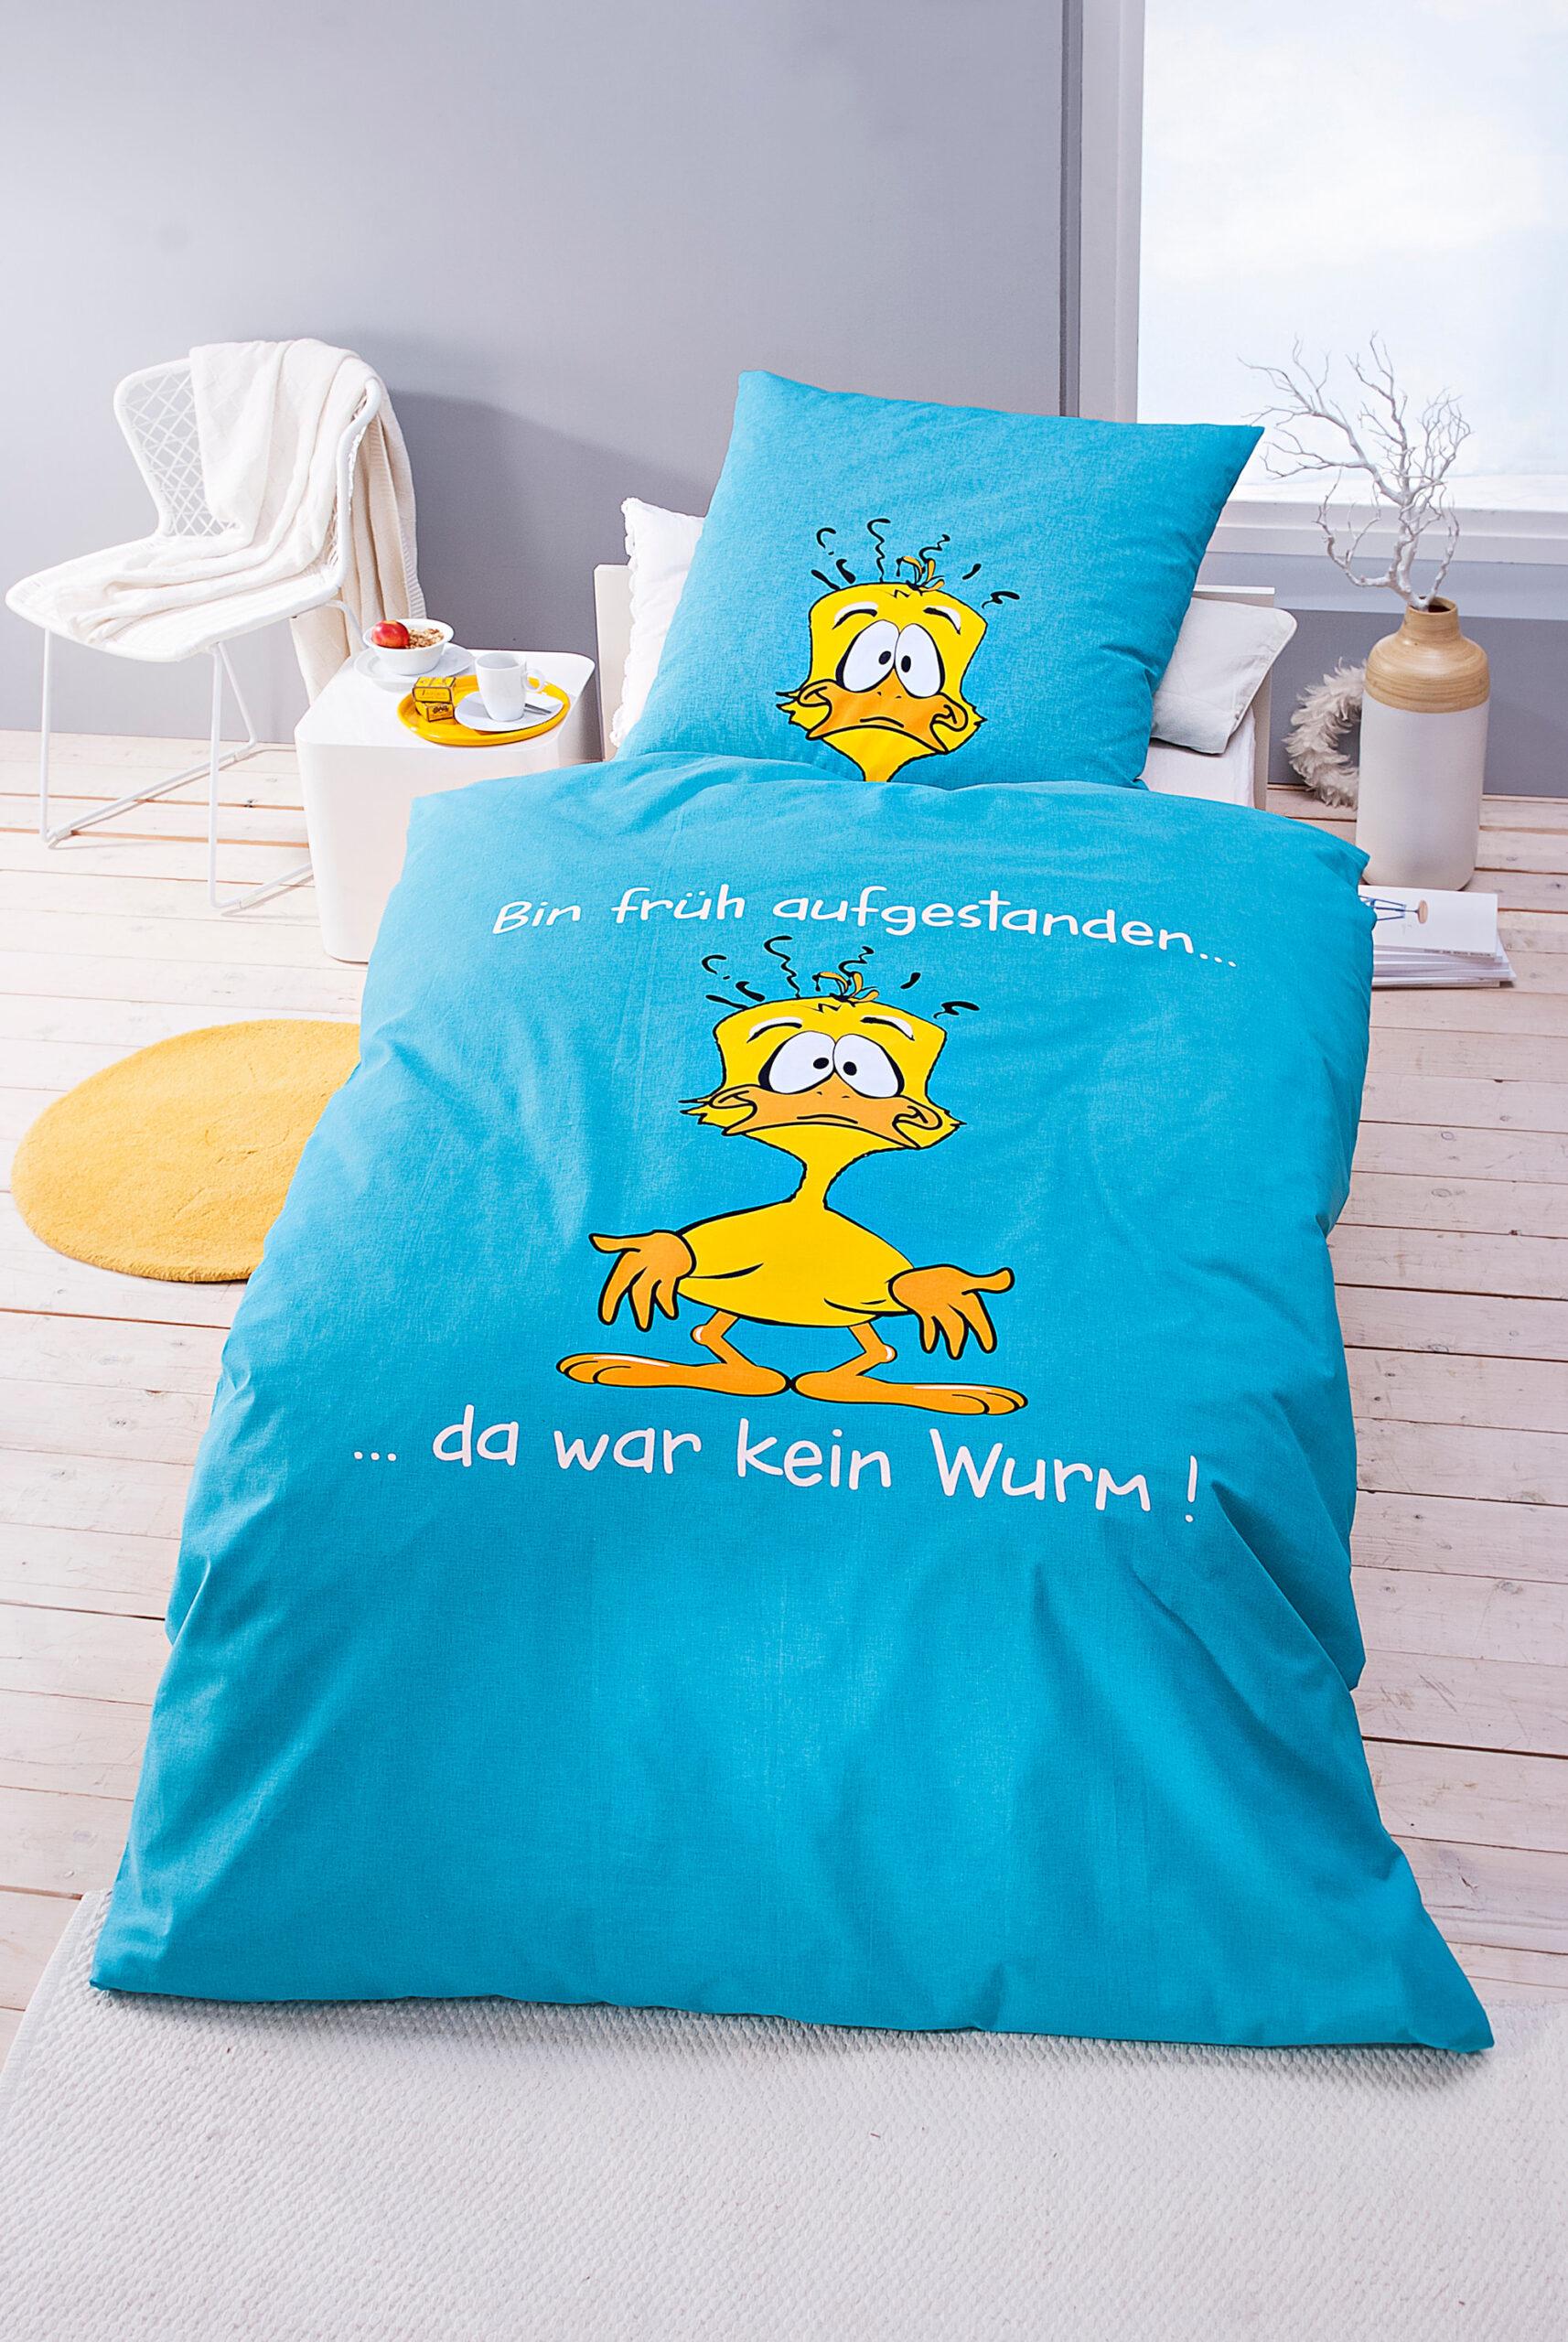 Full Size of T Shirt Lustige Sprüche Bettwäsche T Shirt Wohnzimmer Bettwäsche Lustig